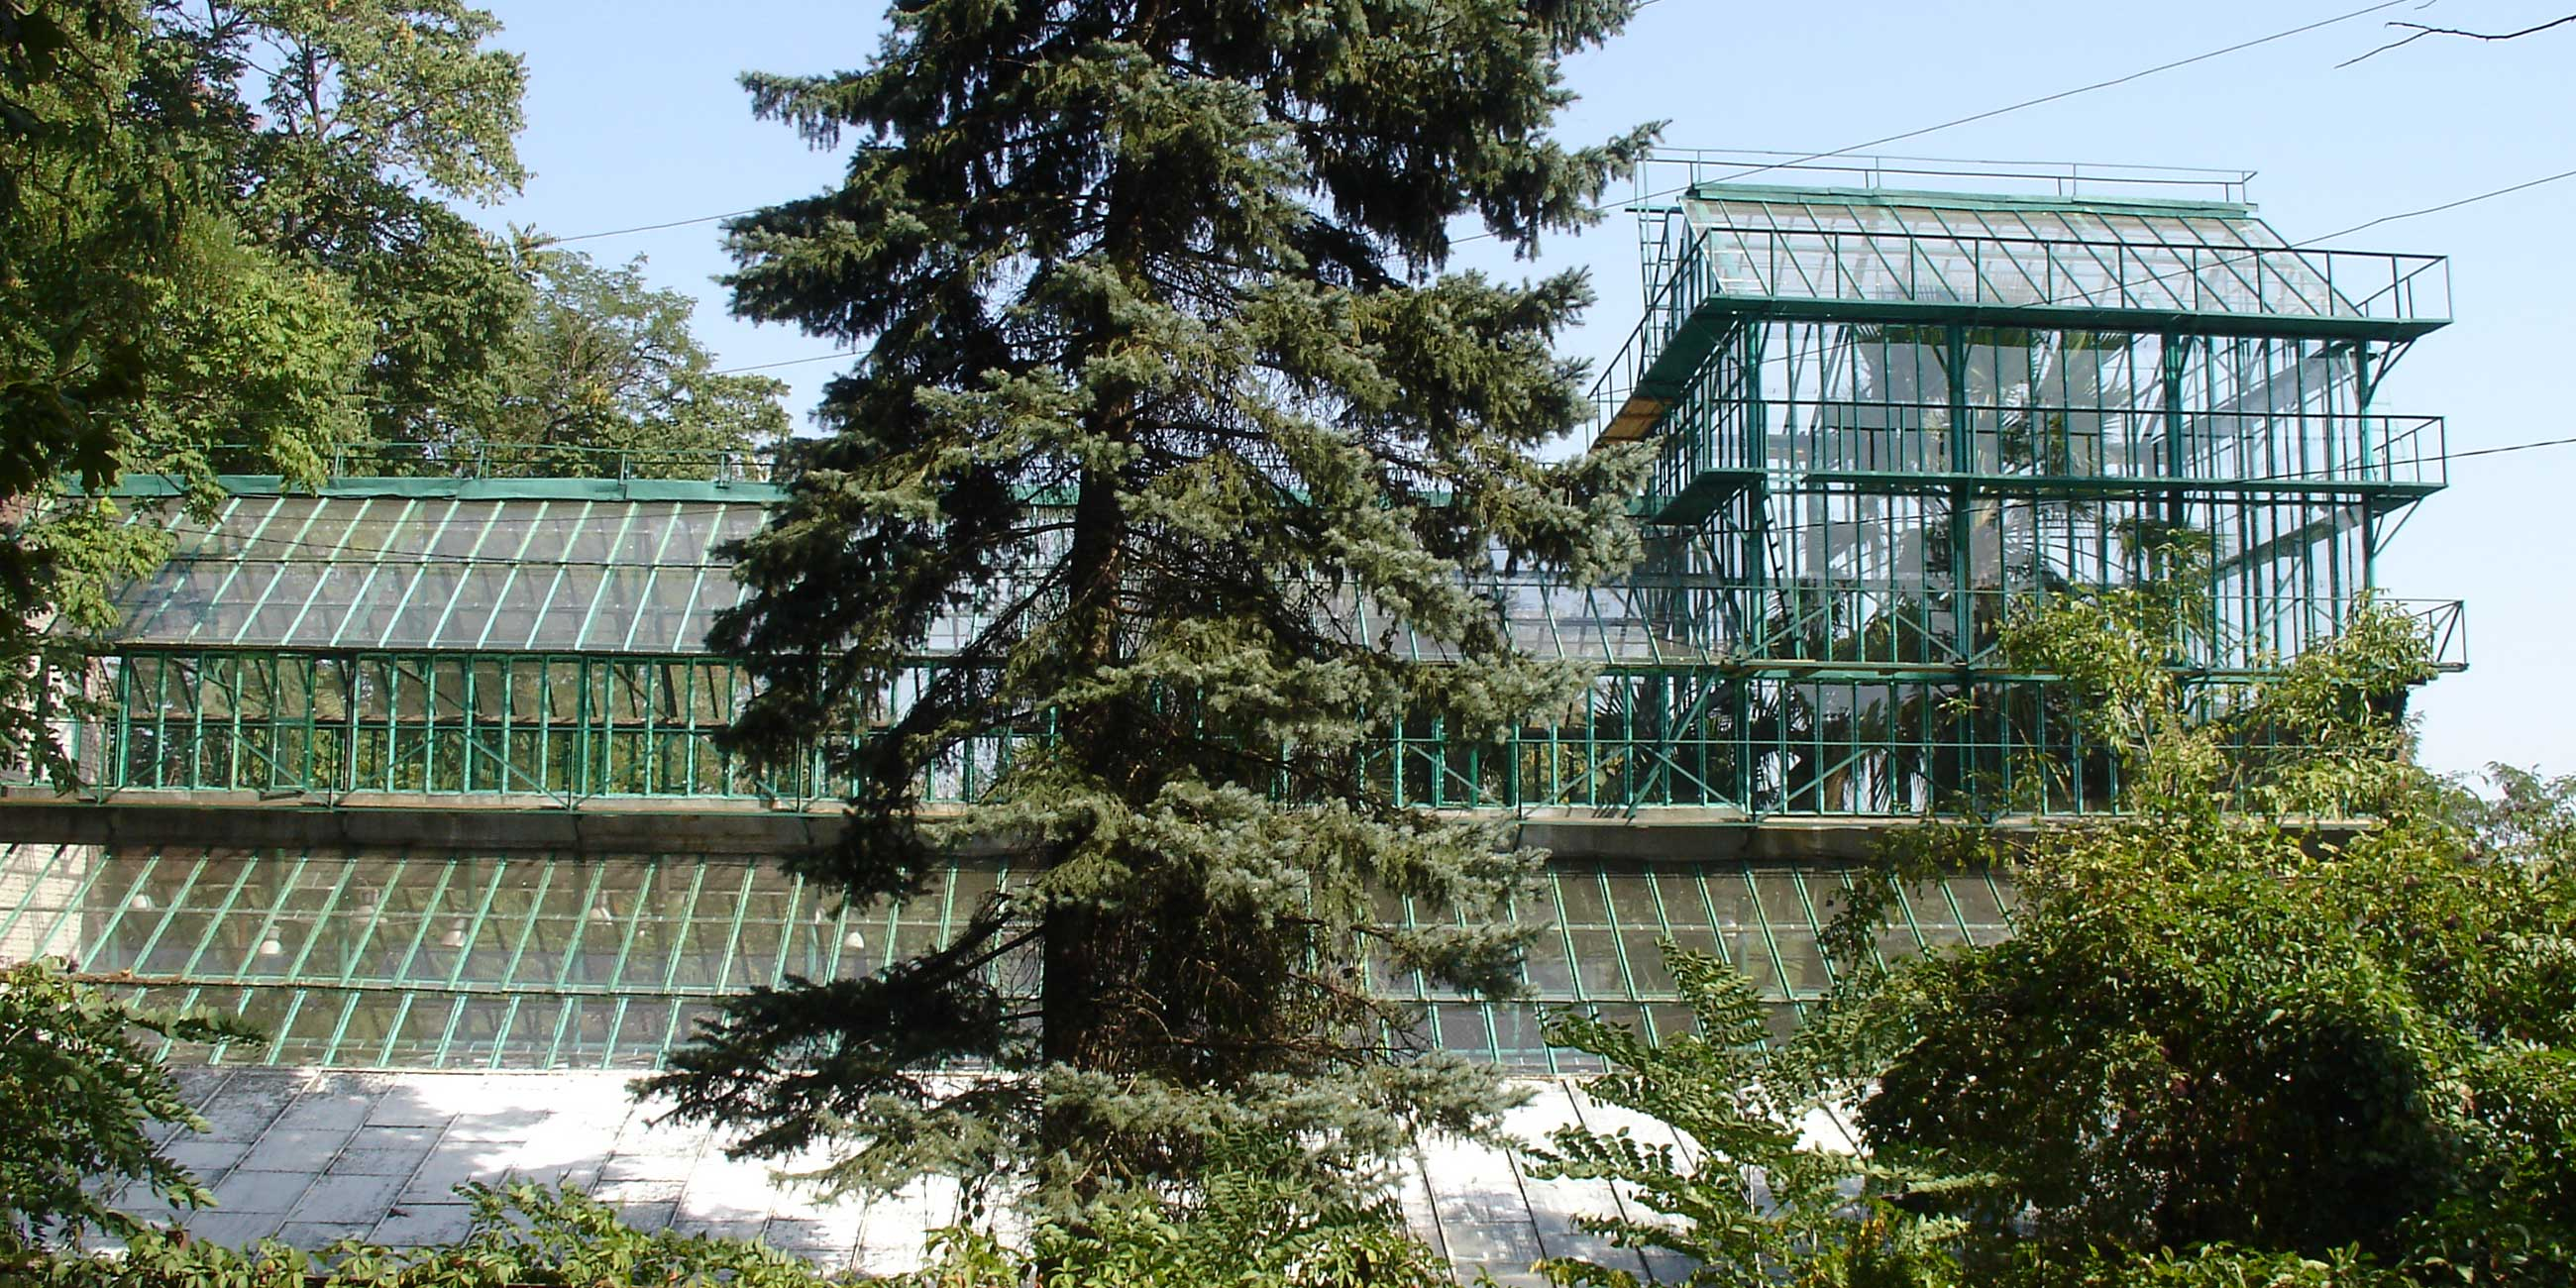 Самые интересные фотографии получаются у здания университета с большой оранжерейФото: Александр Роумега, commons.wikimedia.org